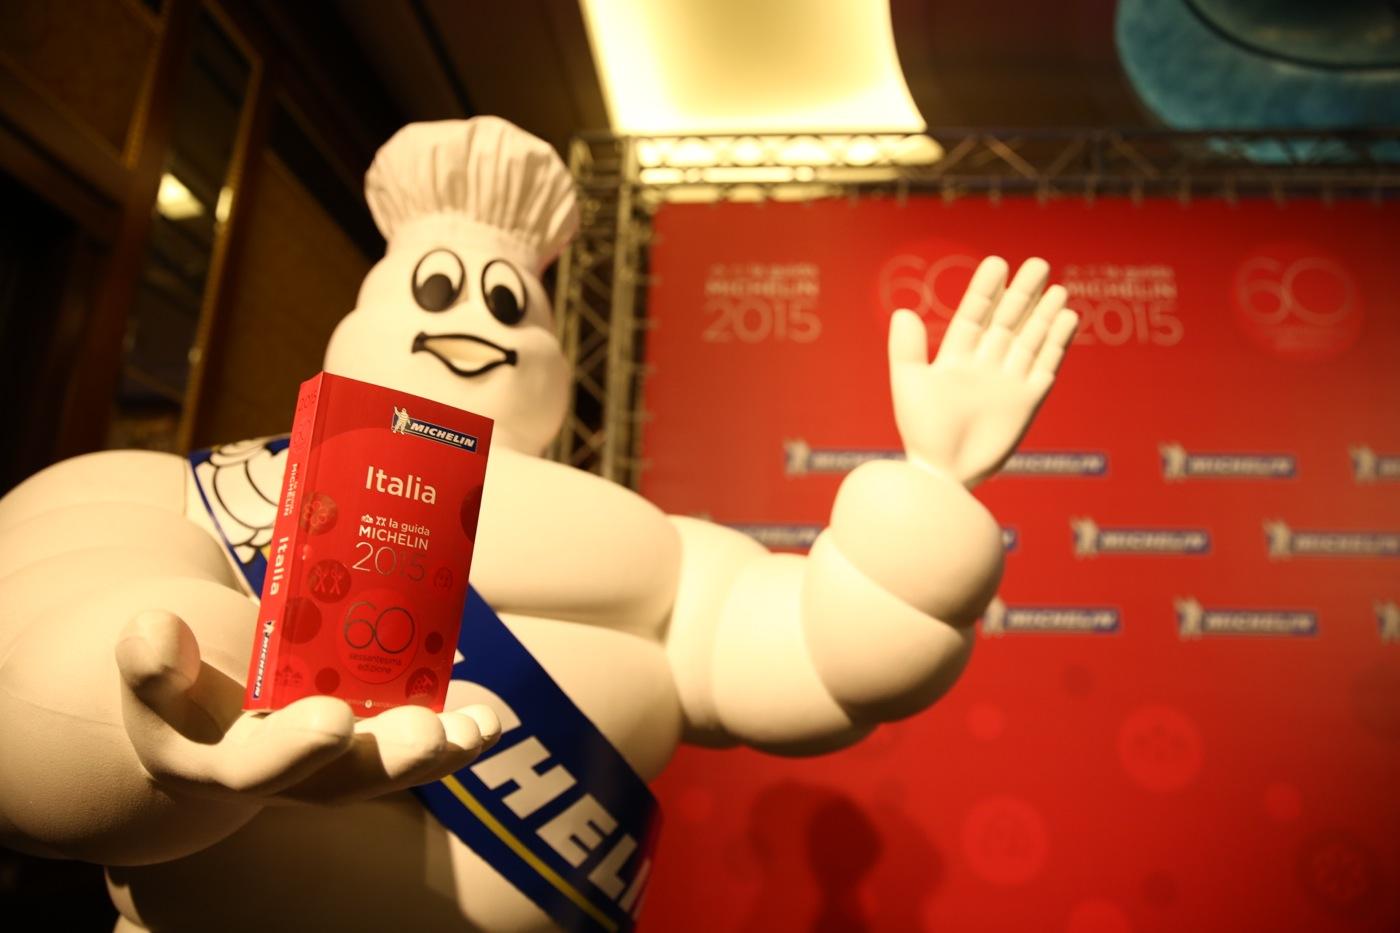 La Guida Michelin diventa social e gratuita